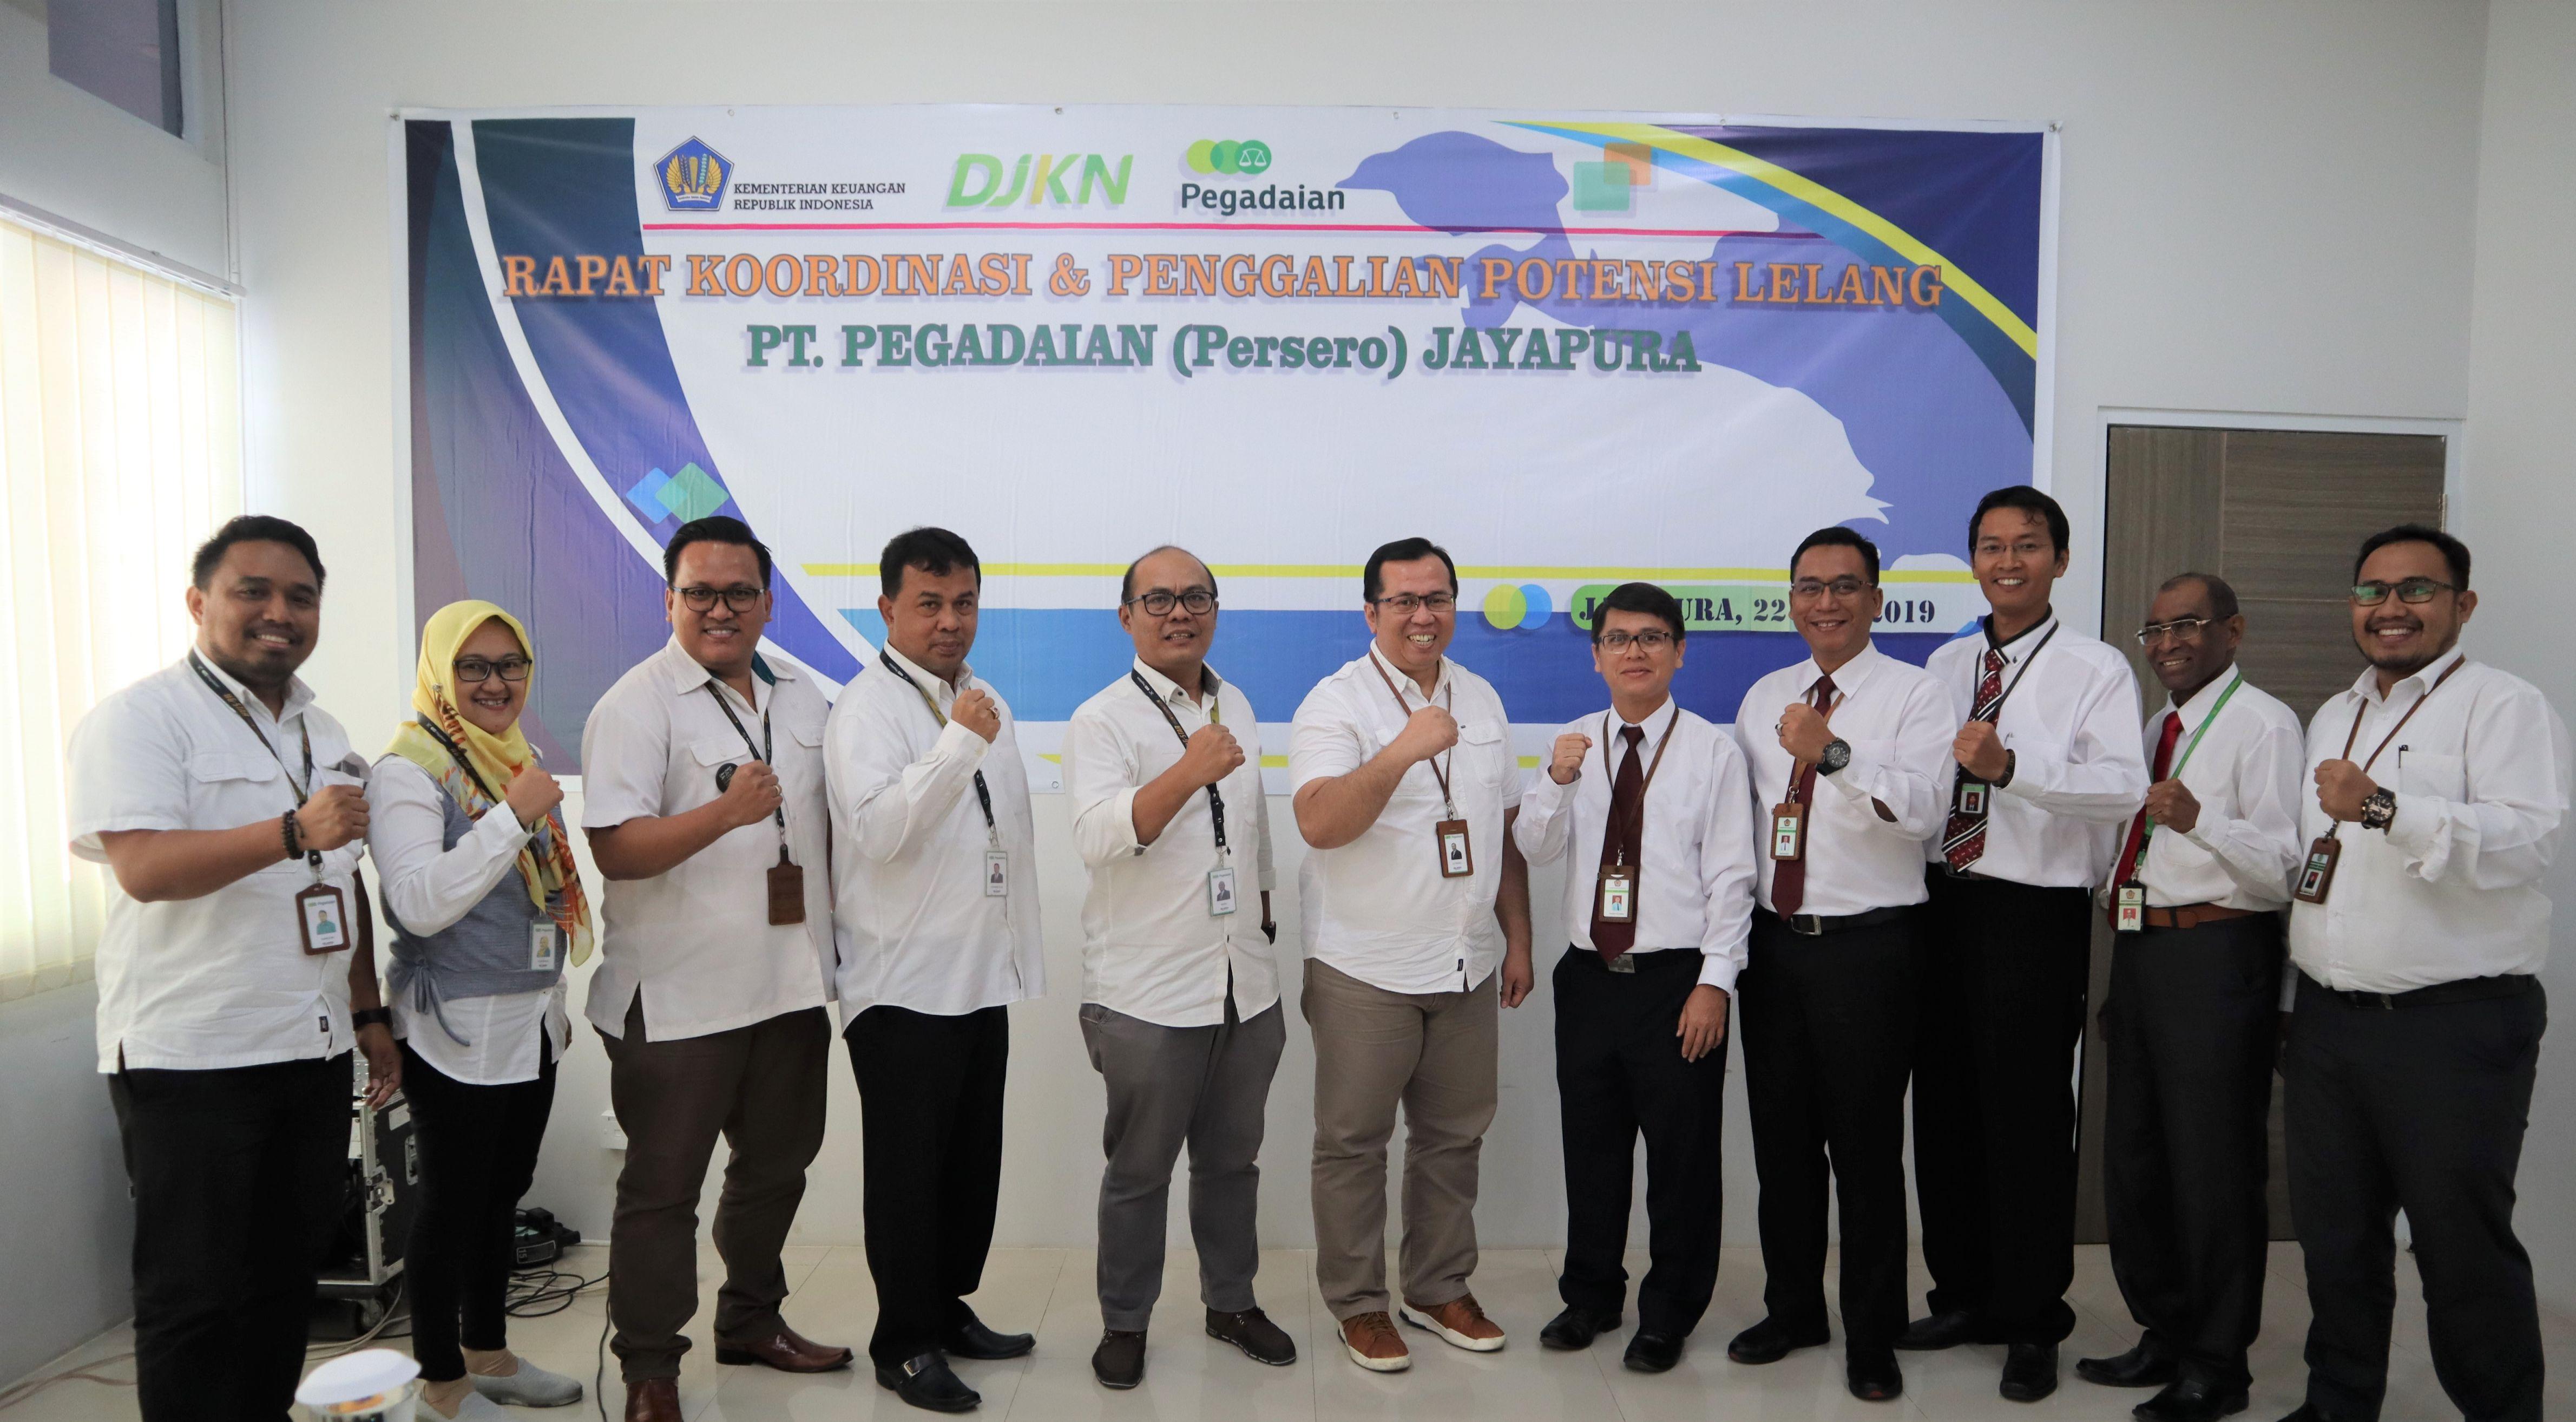 Rapat Koordinasi dan Penggalian Potensi Lelang dengan PT. Pegadaian (Persero)